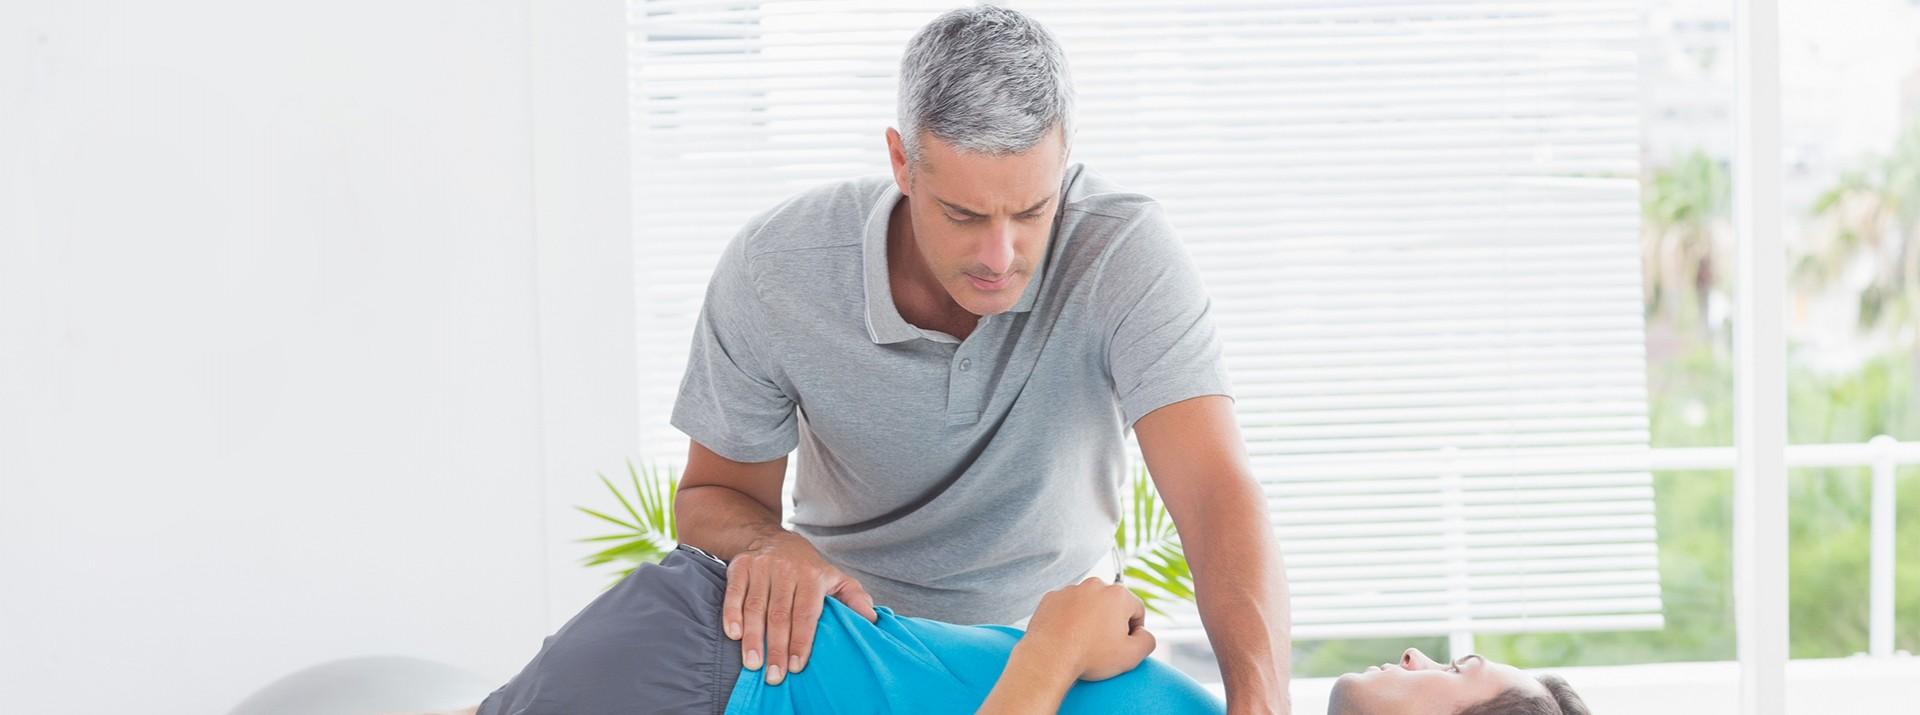 Kas, iskelet ve sinir sisteminin değerlendirilmesi  ve eski hareketine kavuşmasını amaçlar.